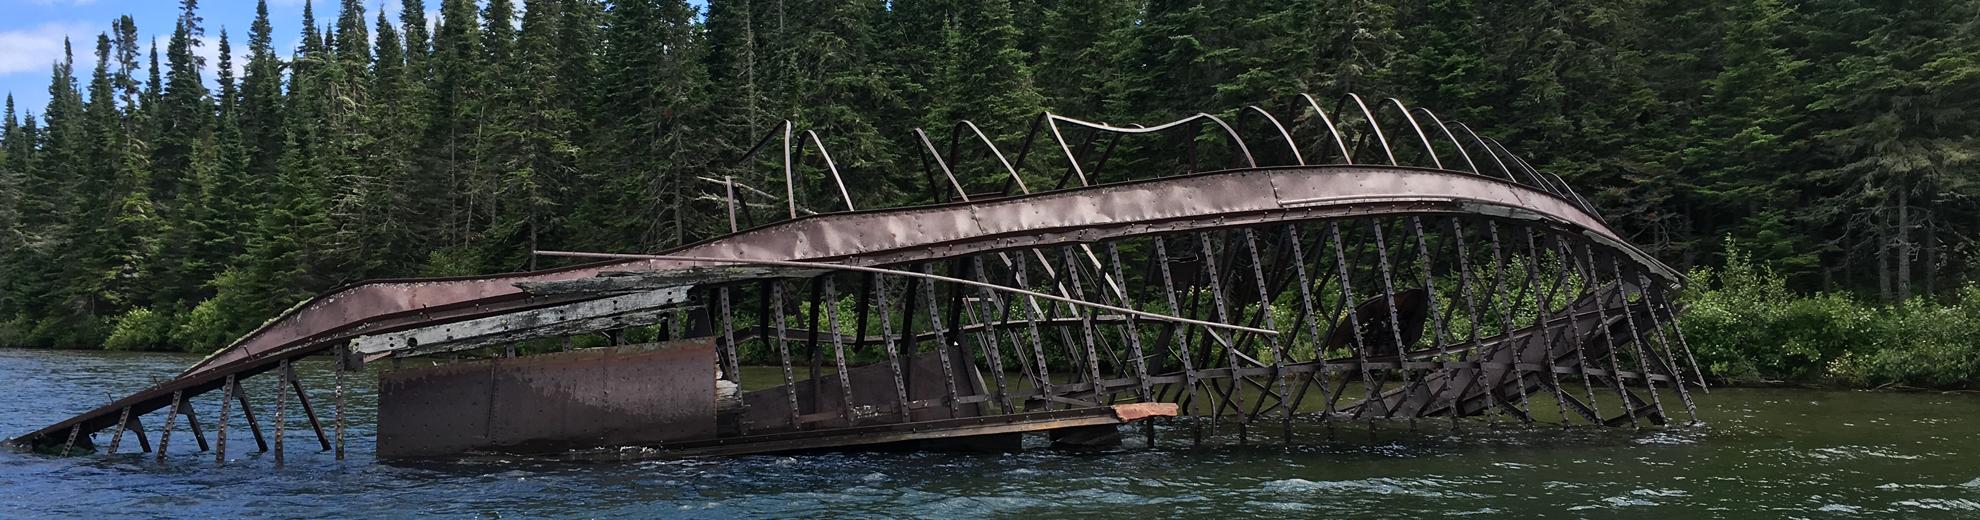 Michipicoten Island: Caribou at Last